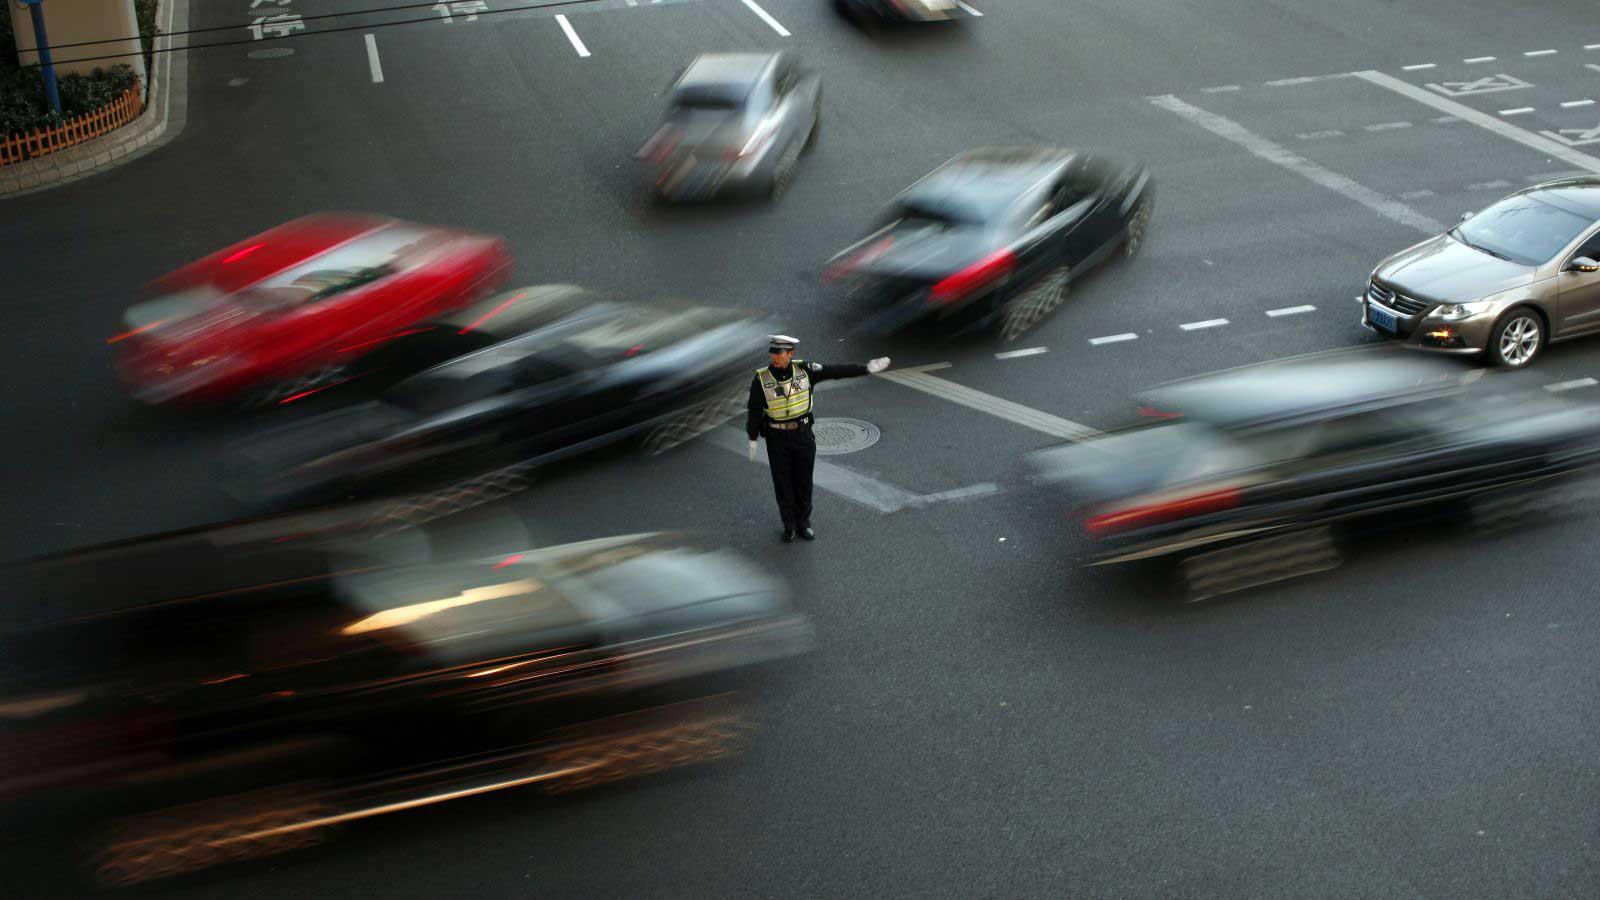 【一周动态】长假后甩重磅,交通运输部对专车正式表态